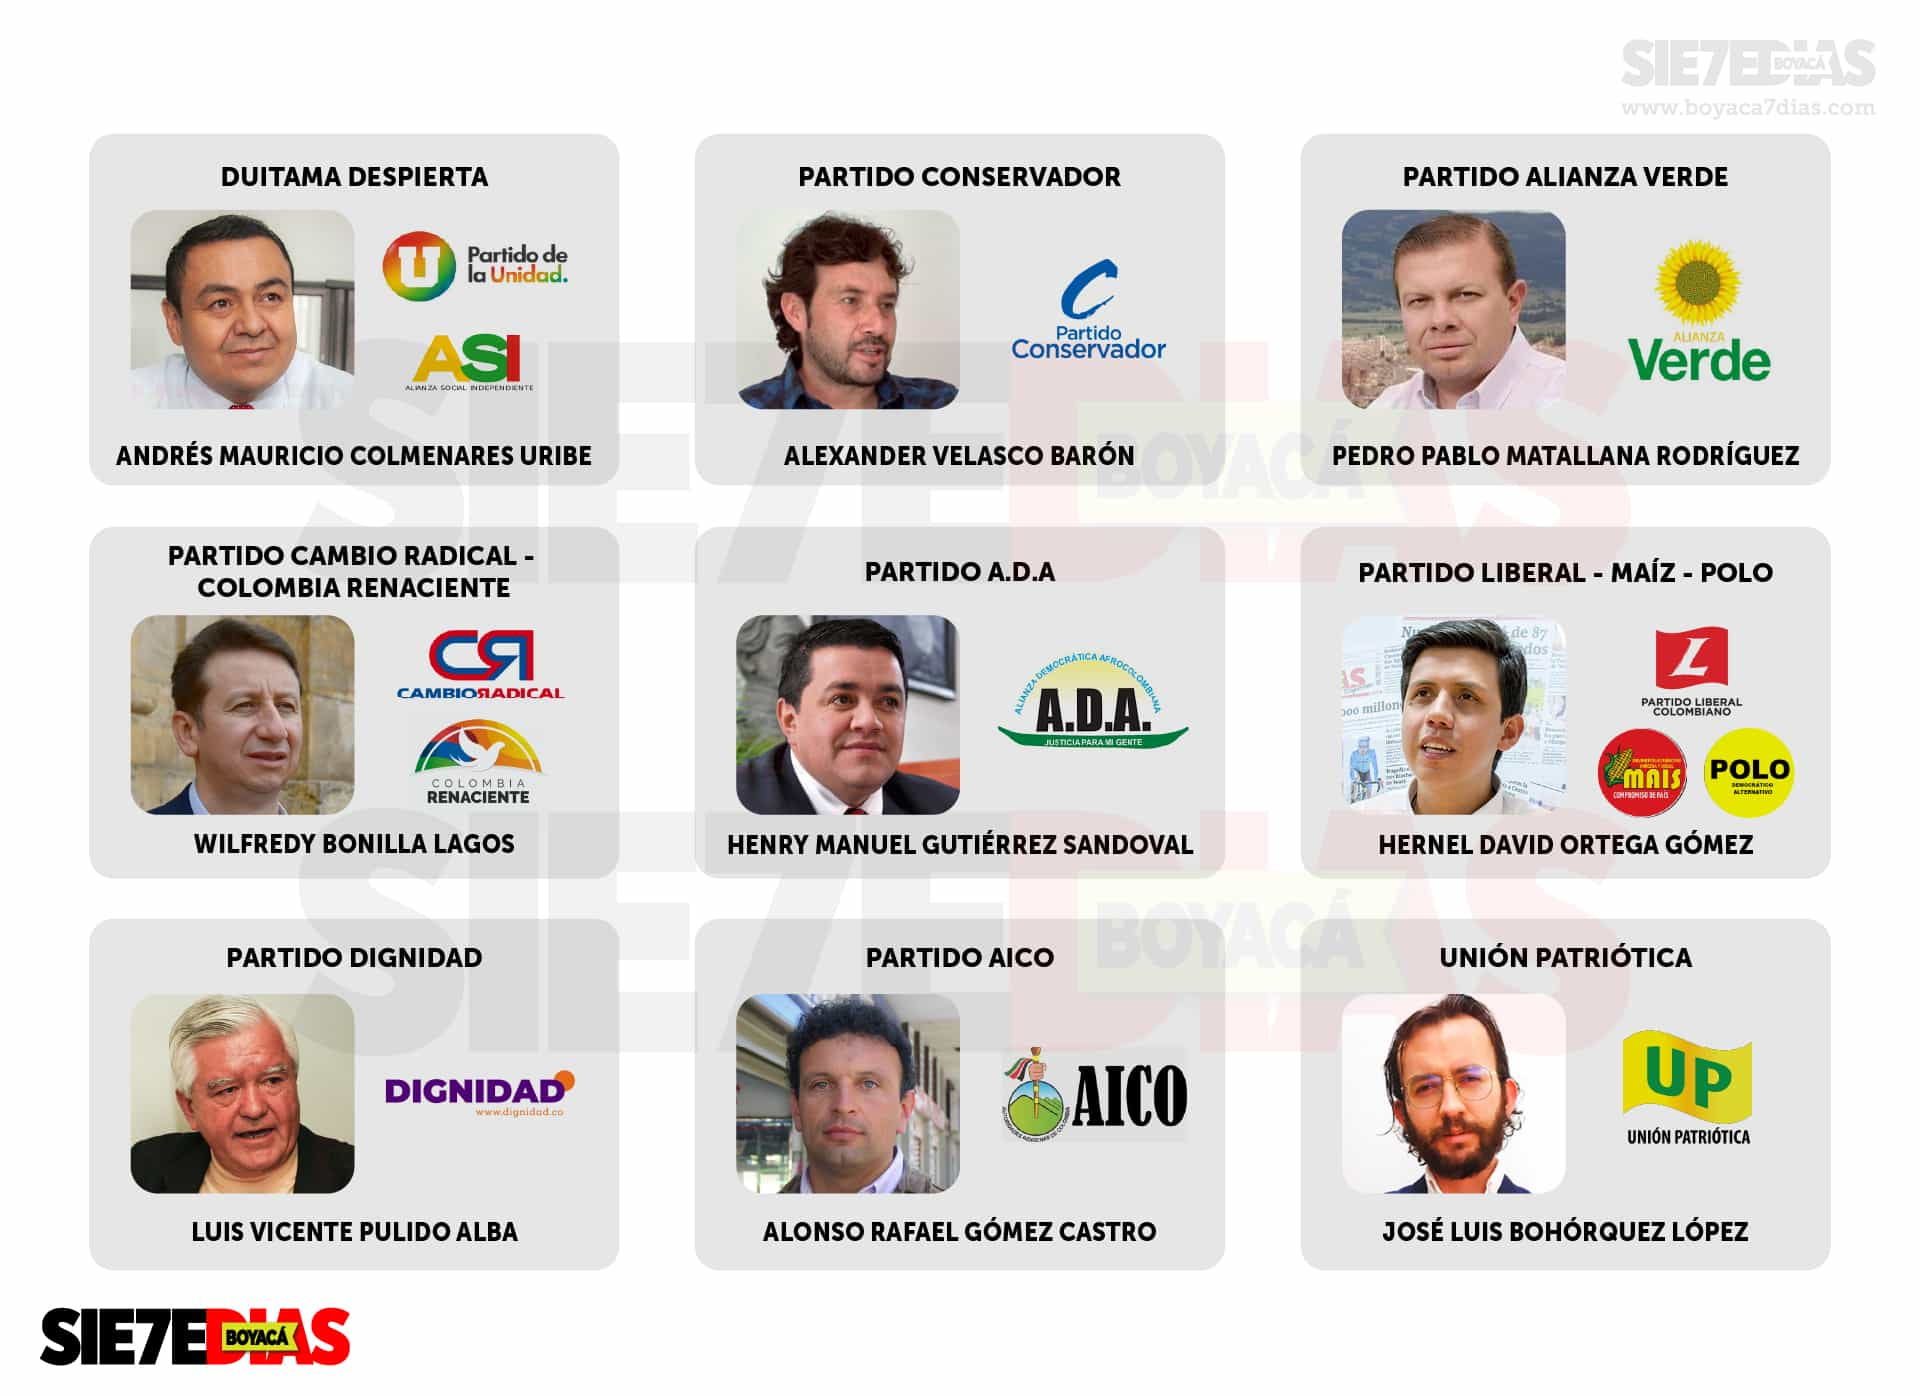 El tarjetón para las elecciones de Duitama #Tolditos7días 1